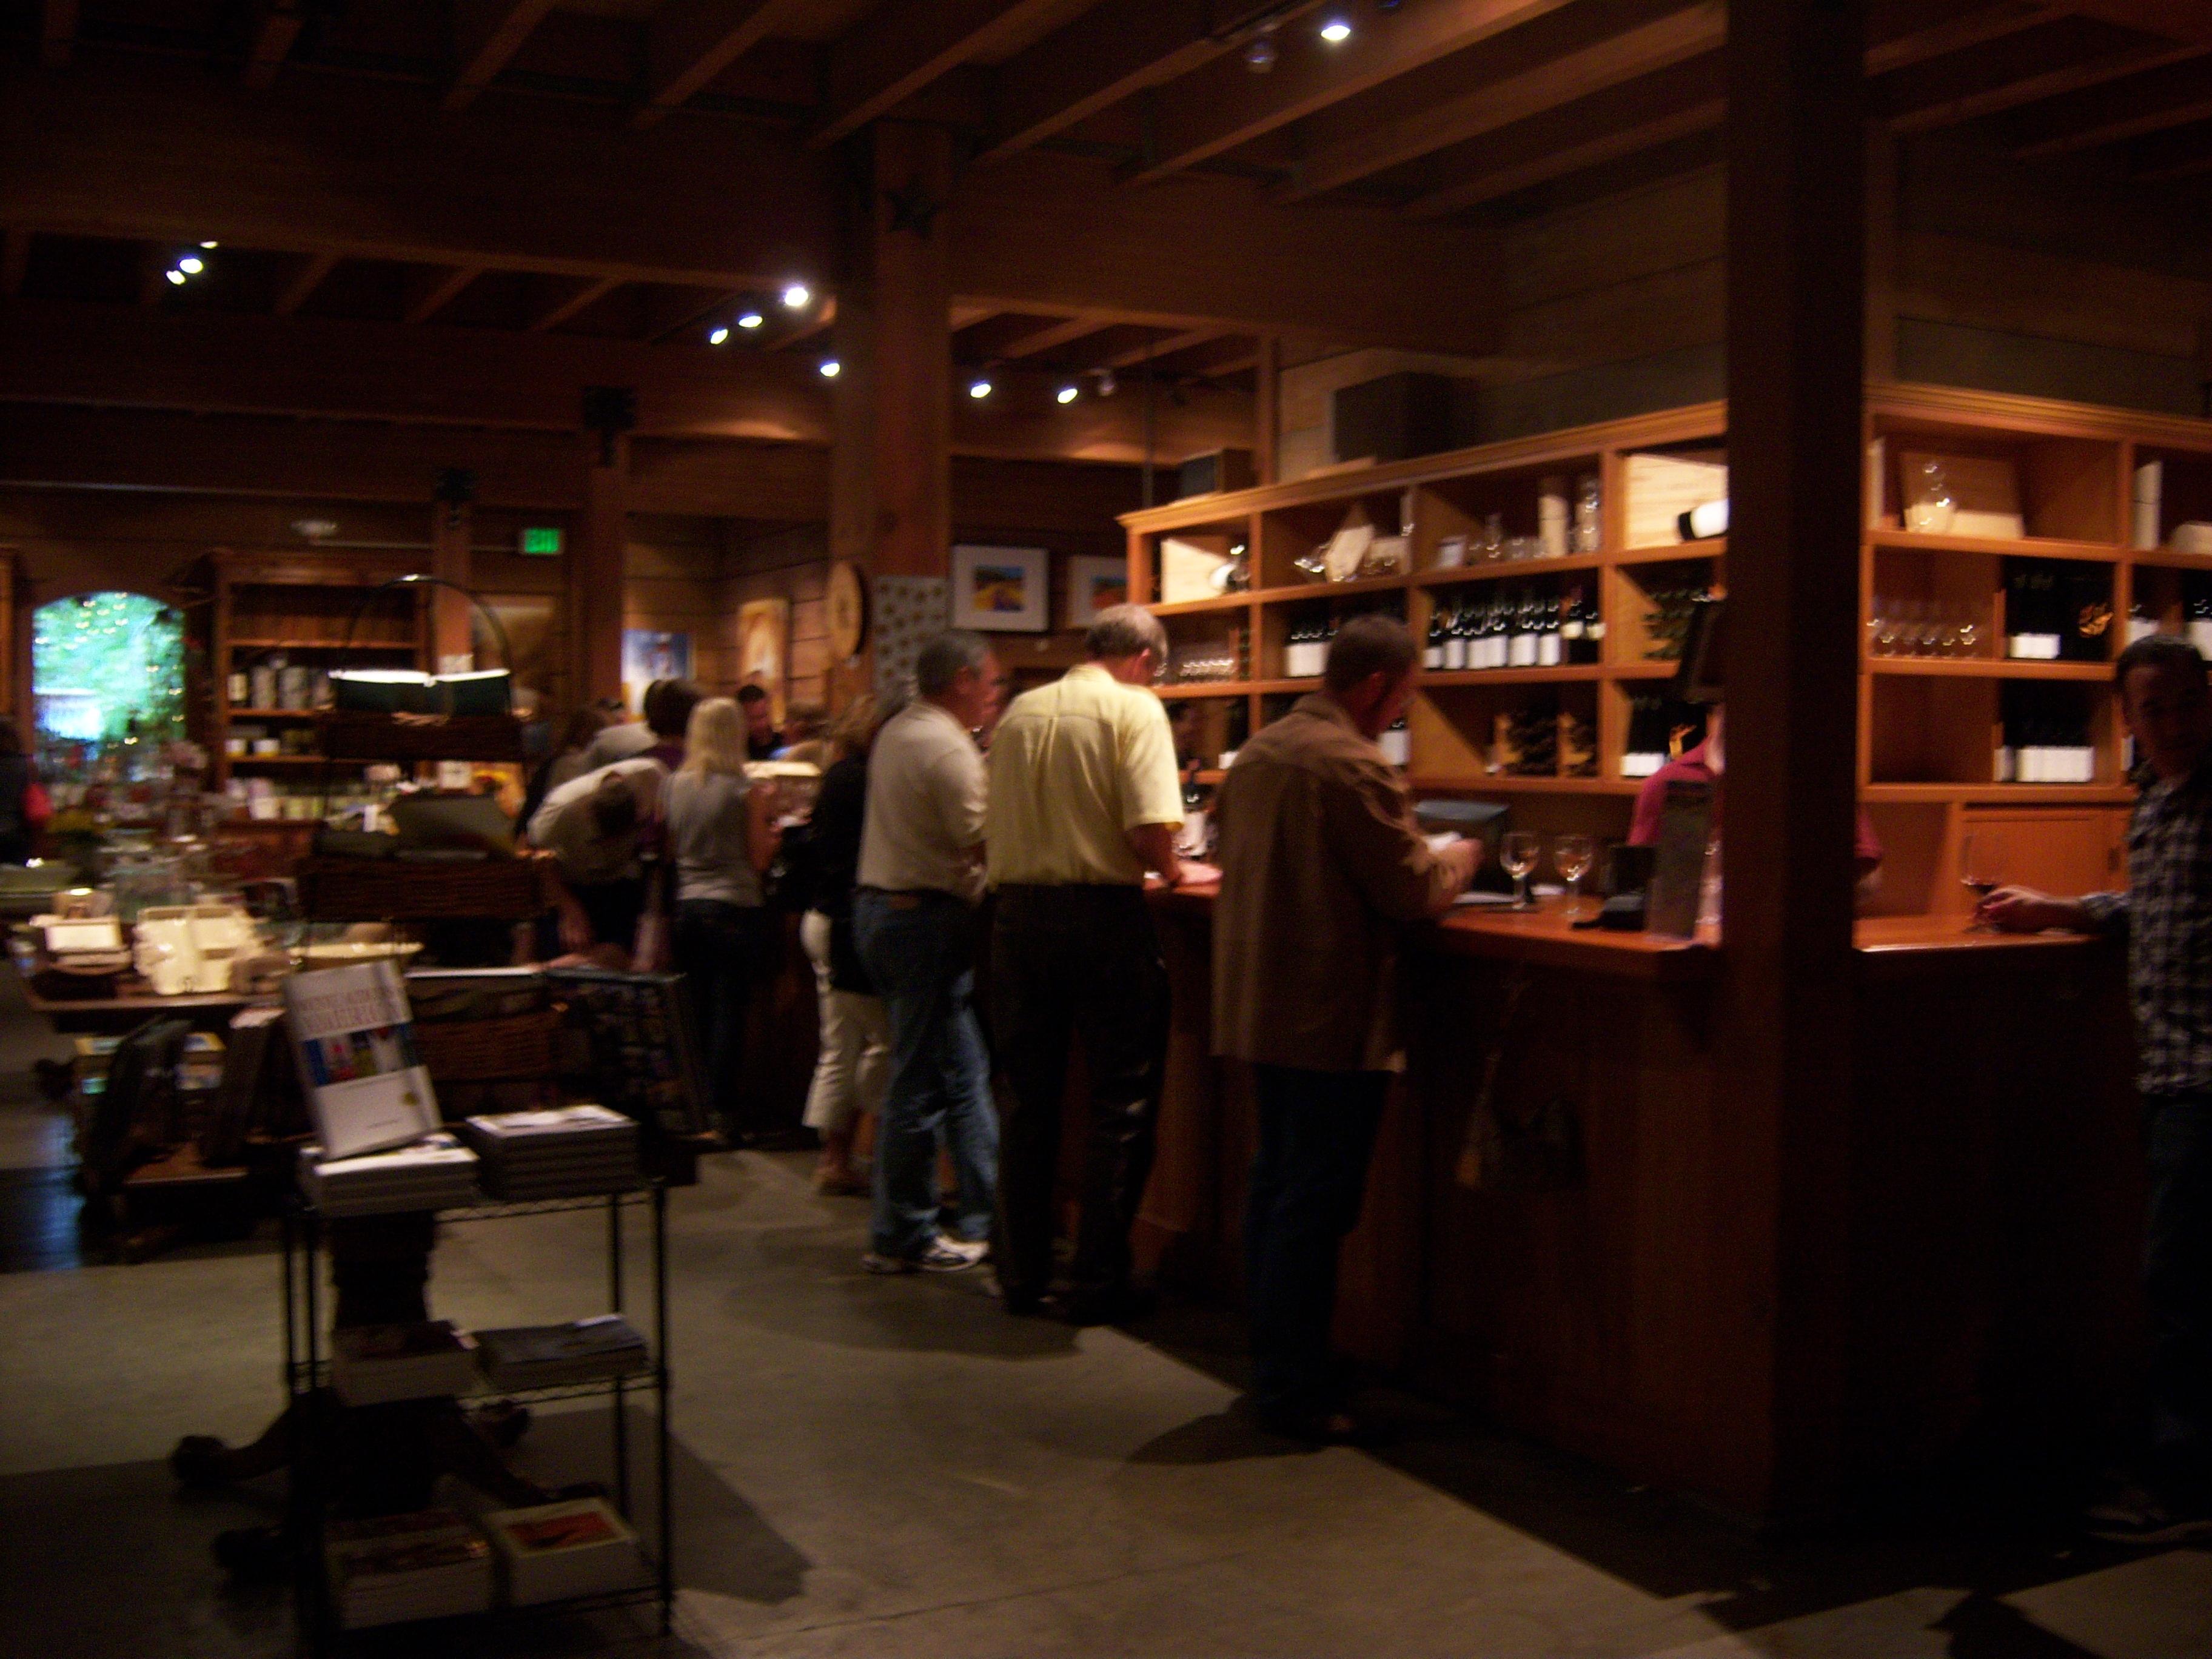 The tasting bar at Merryvale Vineyards.